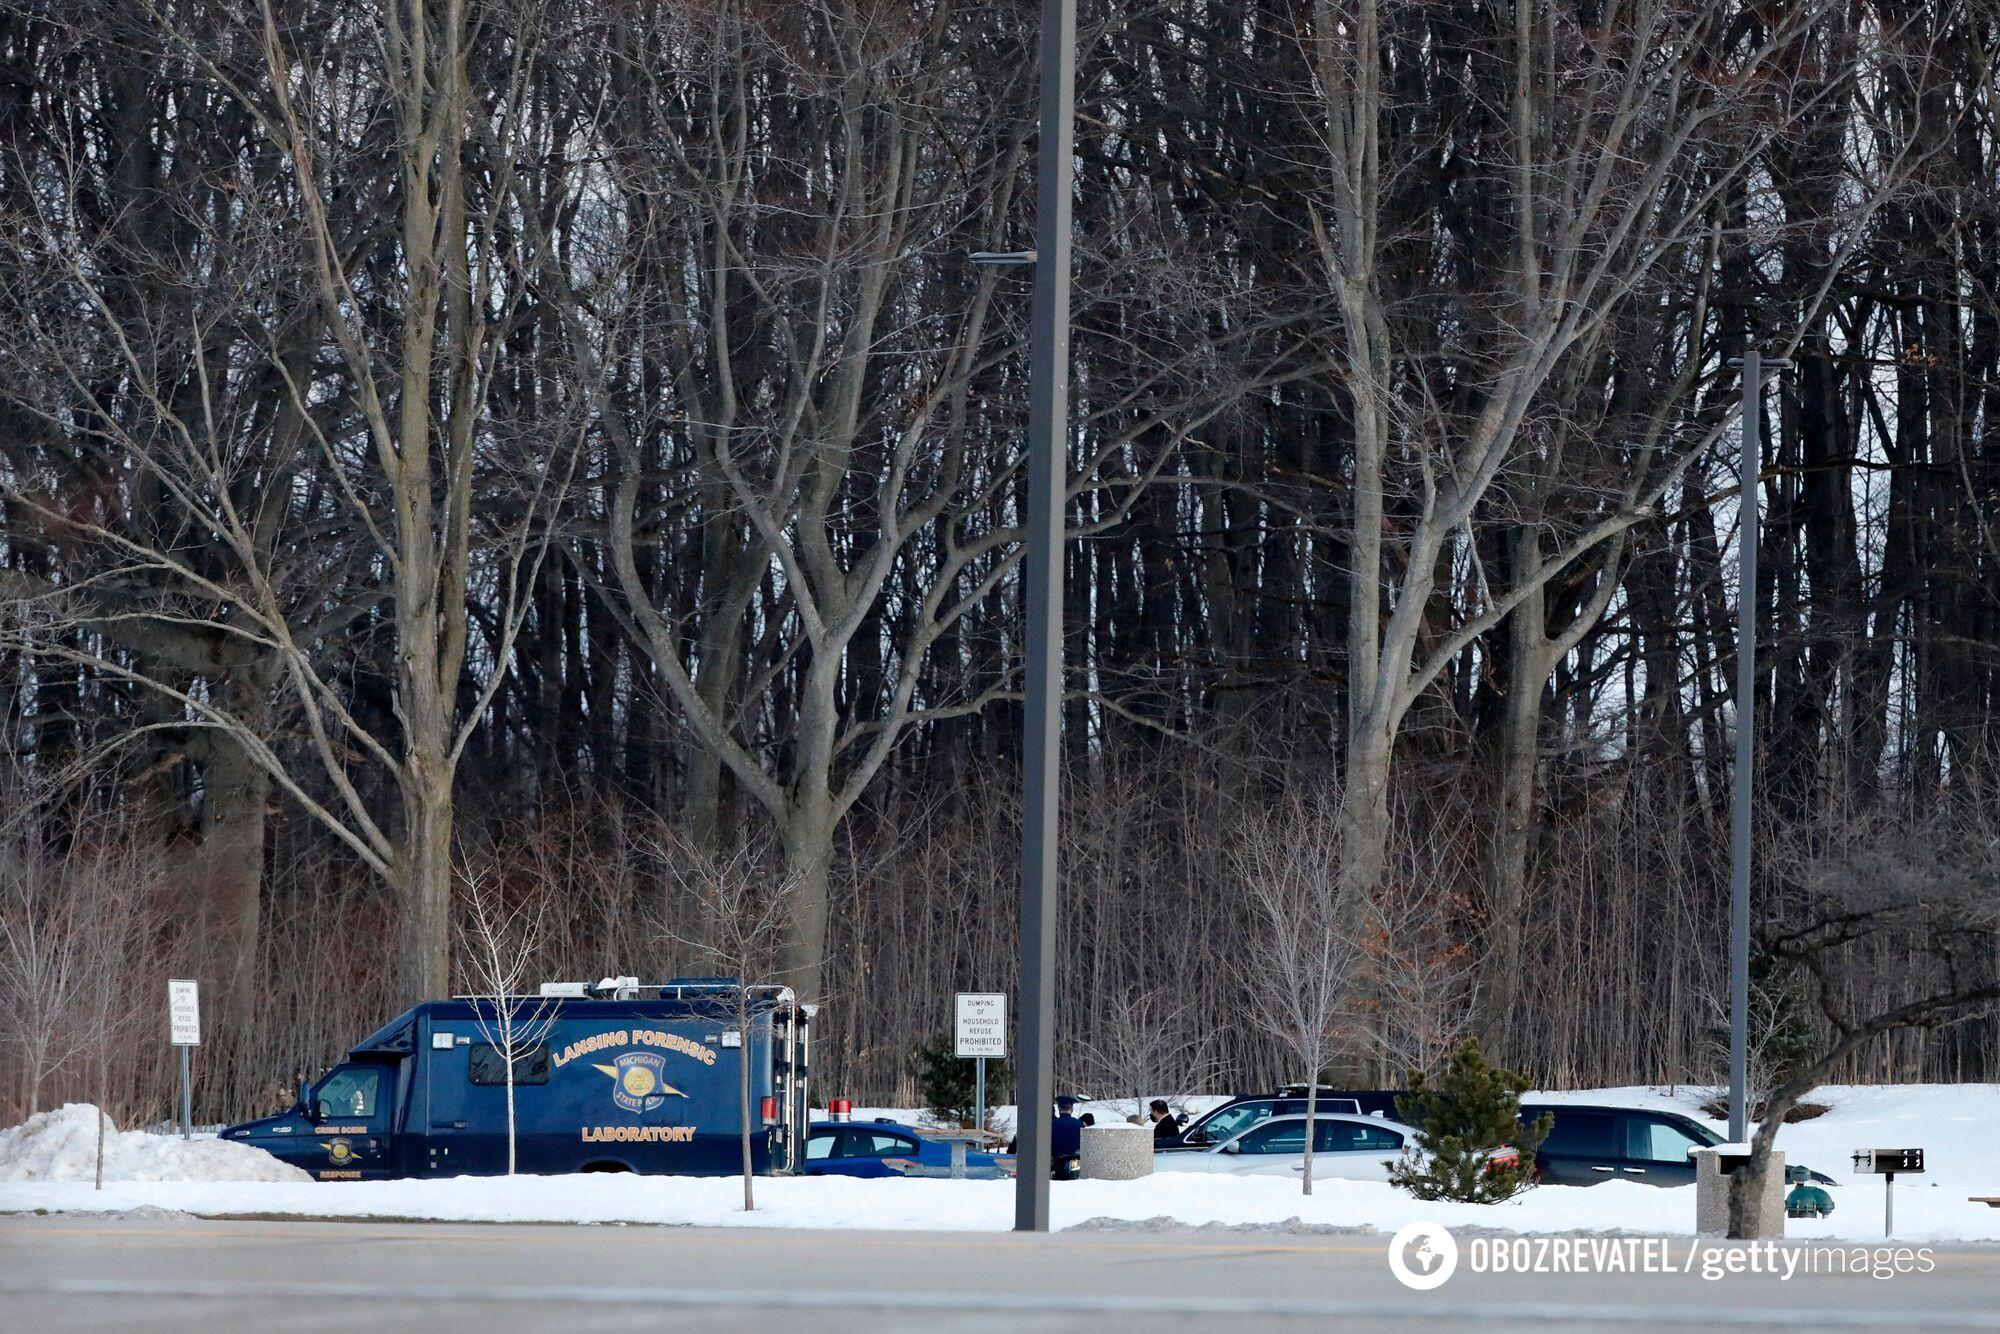 Поліція штату Мічиган розслідує місце, де було знайдено тiло